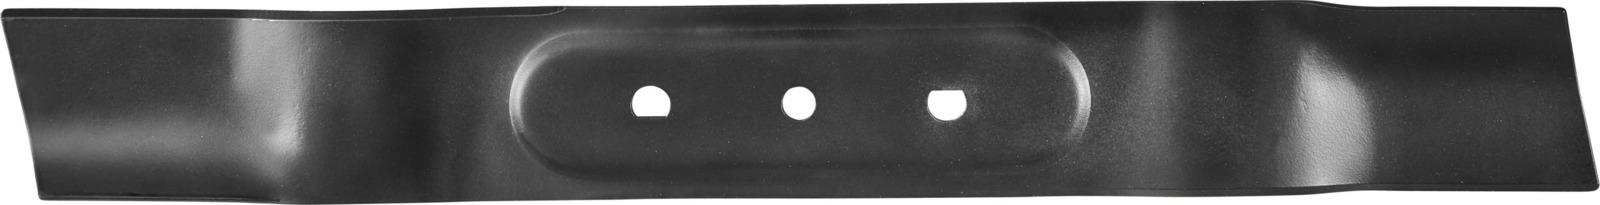 Нож запасной Gardena, Б0040015, для газонокосилки аккумуляторной PowerMa, Li-40/41, черный сменный нож для аккумуляторной газонокосилки bosch rotak 32 li f016800332